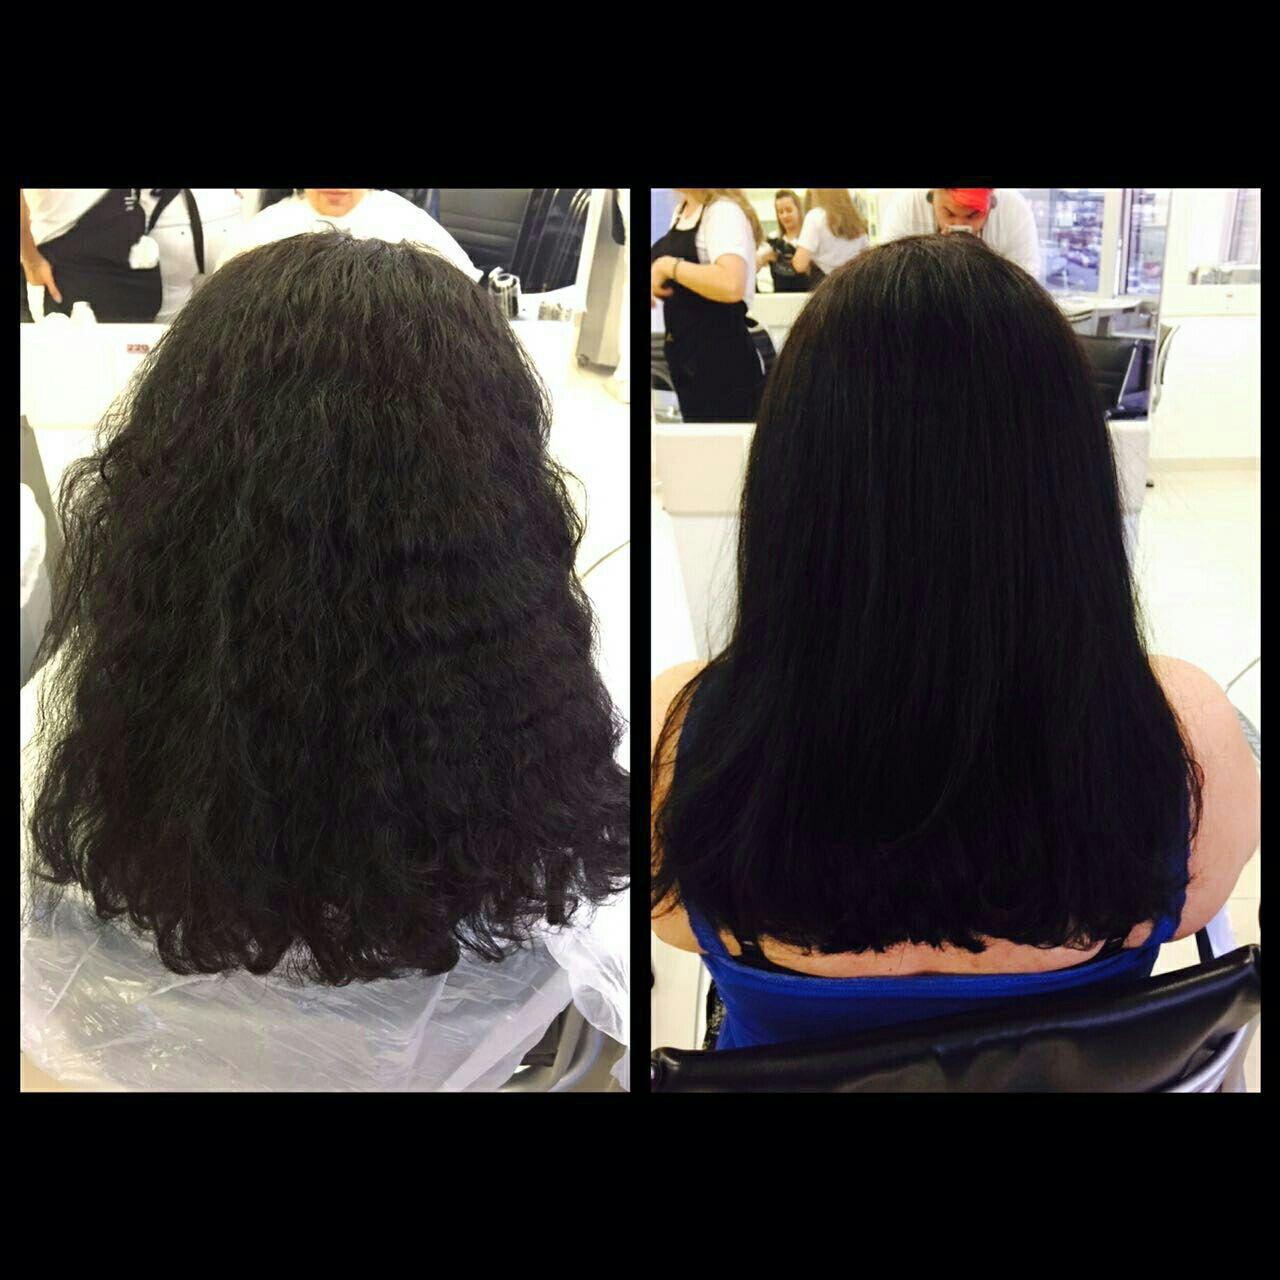 Tratamento e escova cabelo estudante (cabeleireiro) estudante (cabeleireiro) estudante (cabeleireiro) estudante (cabeleireiro) estudante (cabeleireiro) estudante (cabeleireiro) estudante (cabeleireiro) estudante (cabeleireiro) estudante (cabeleireiro) estudante (cabeleireiro)